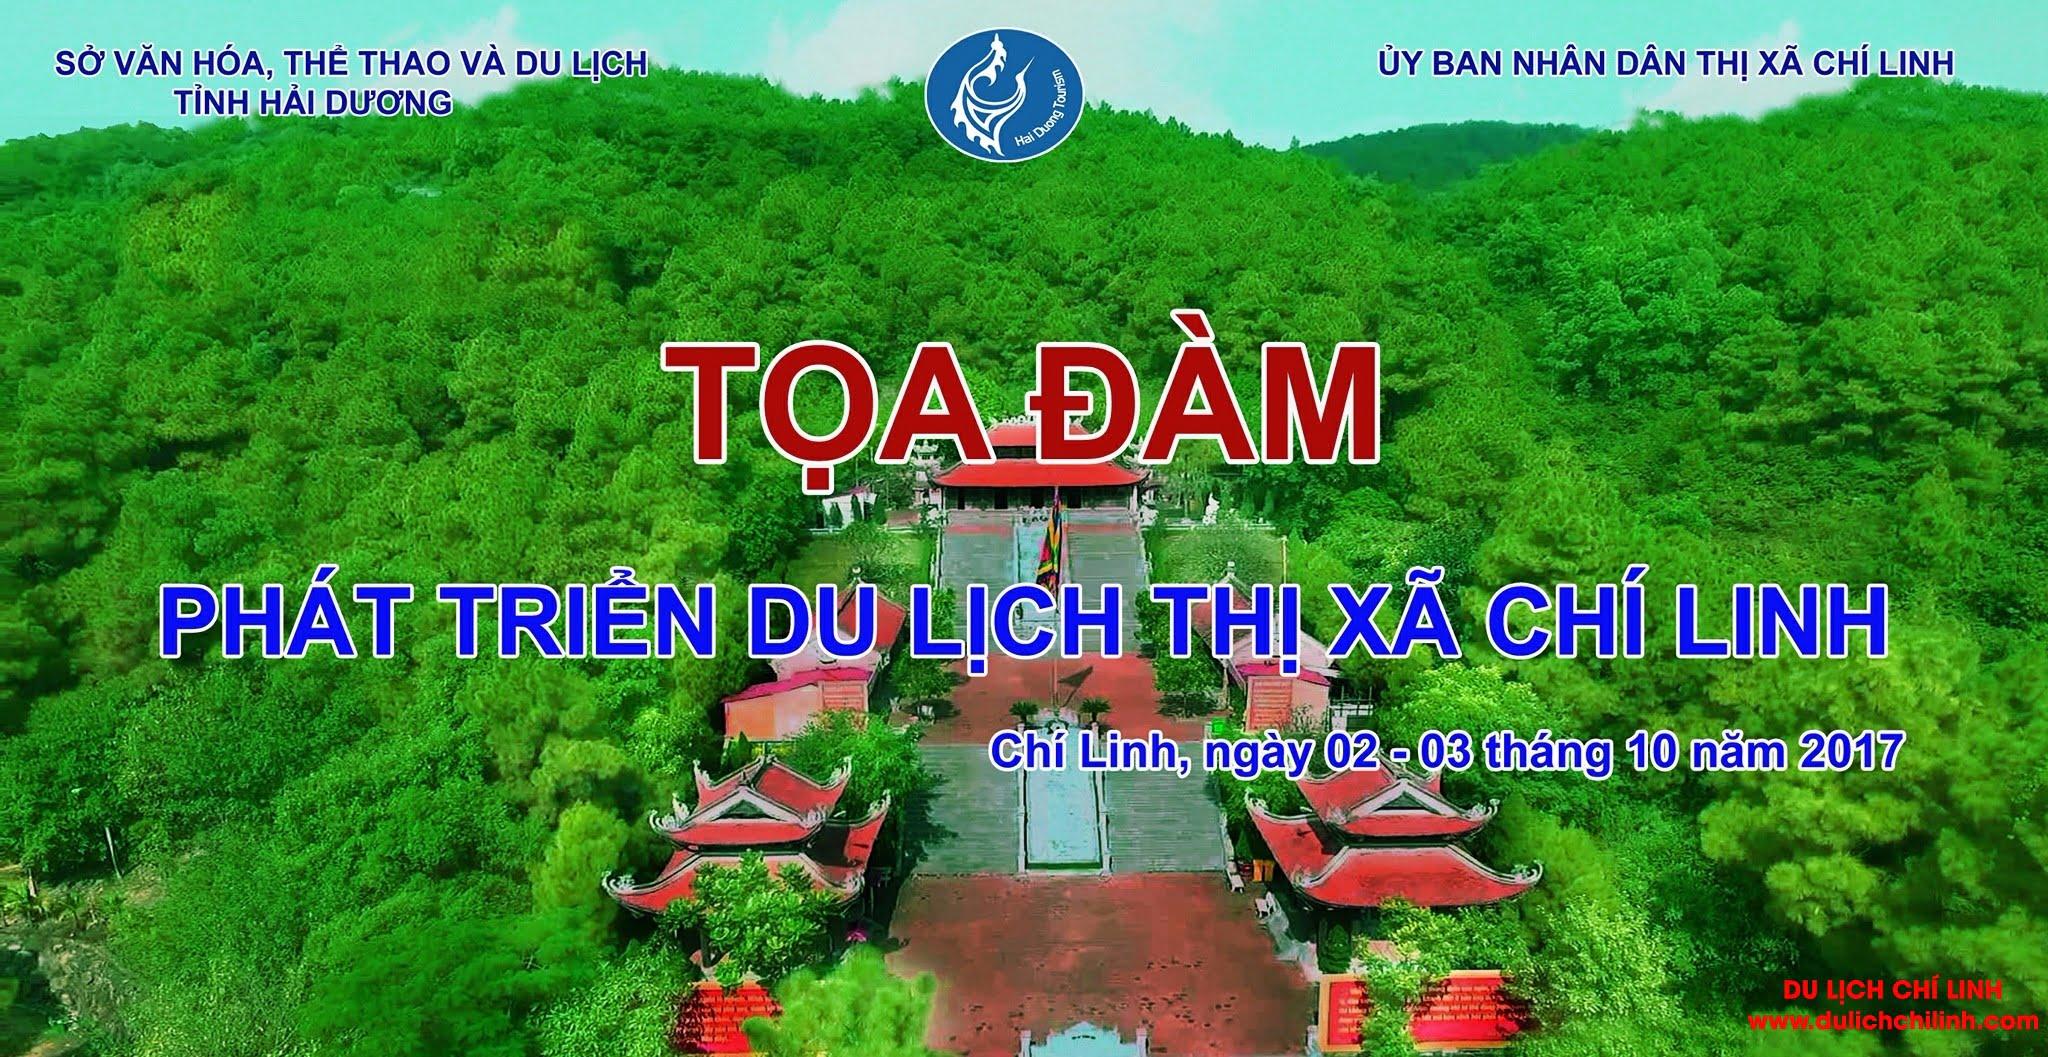 Nhà đất thị xã Chí Linh Hải Dương sốt? Đánh giá nhà đất thị xã Chí Linh